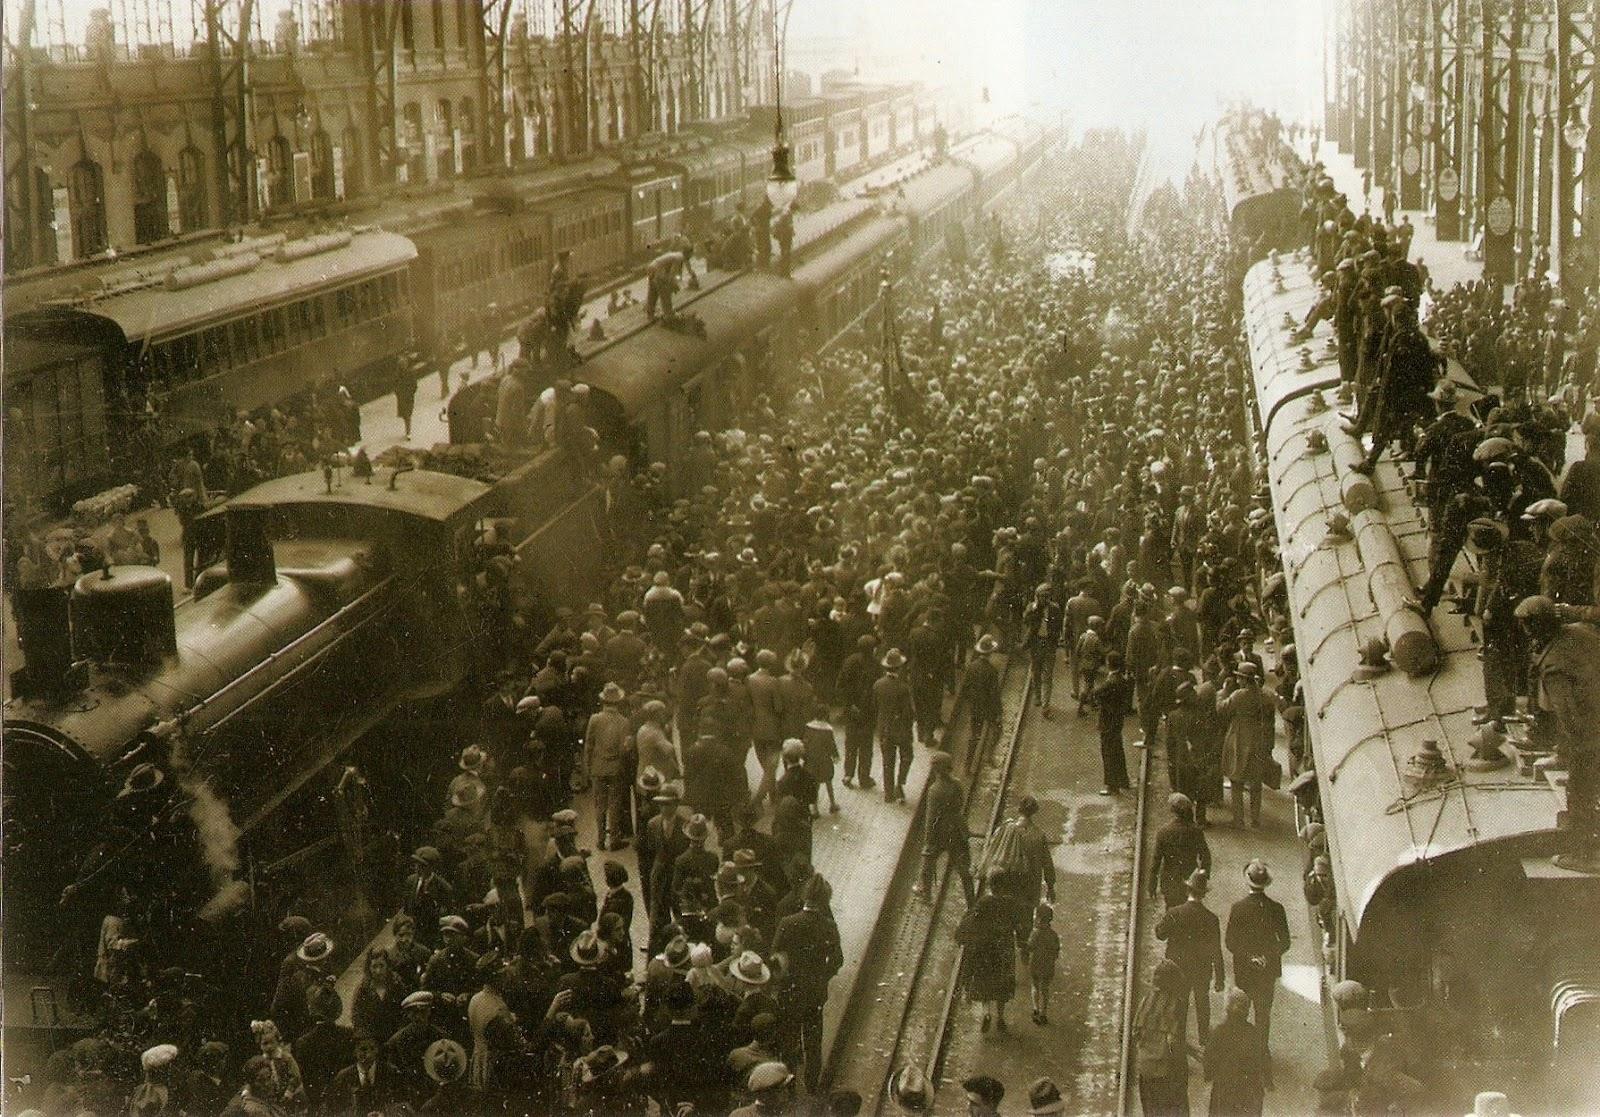 Foto del 18 de Marzo de 1927 en la Estación del Norte con la llegada del primer tren fallero. Fuente: http://juanansoler.blogspot.com.es/